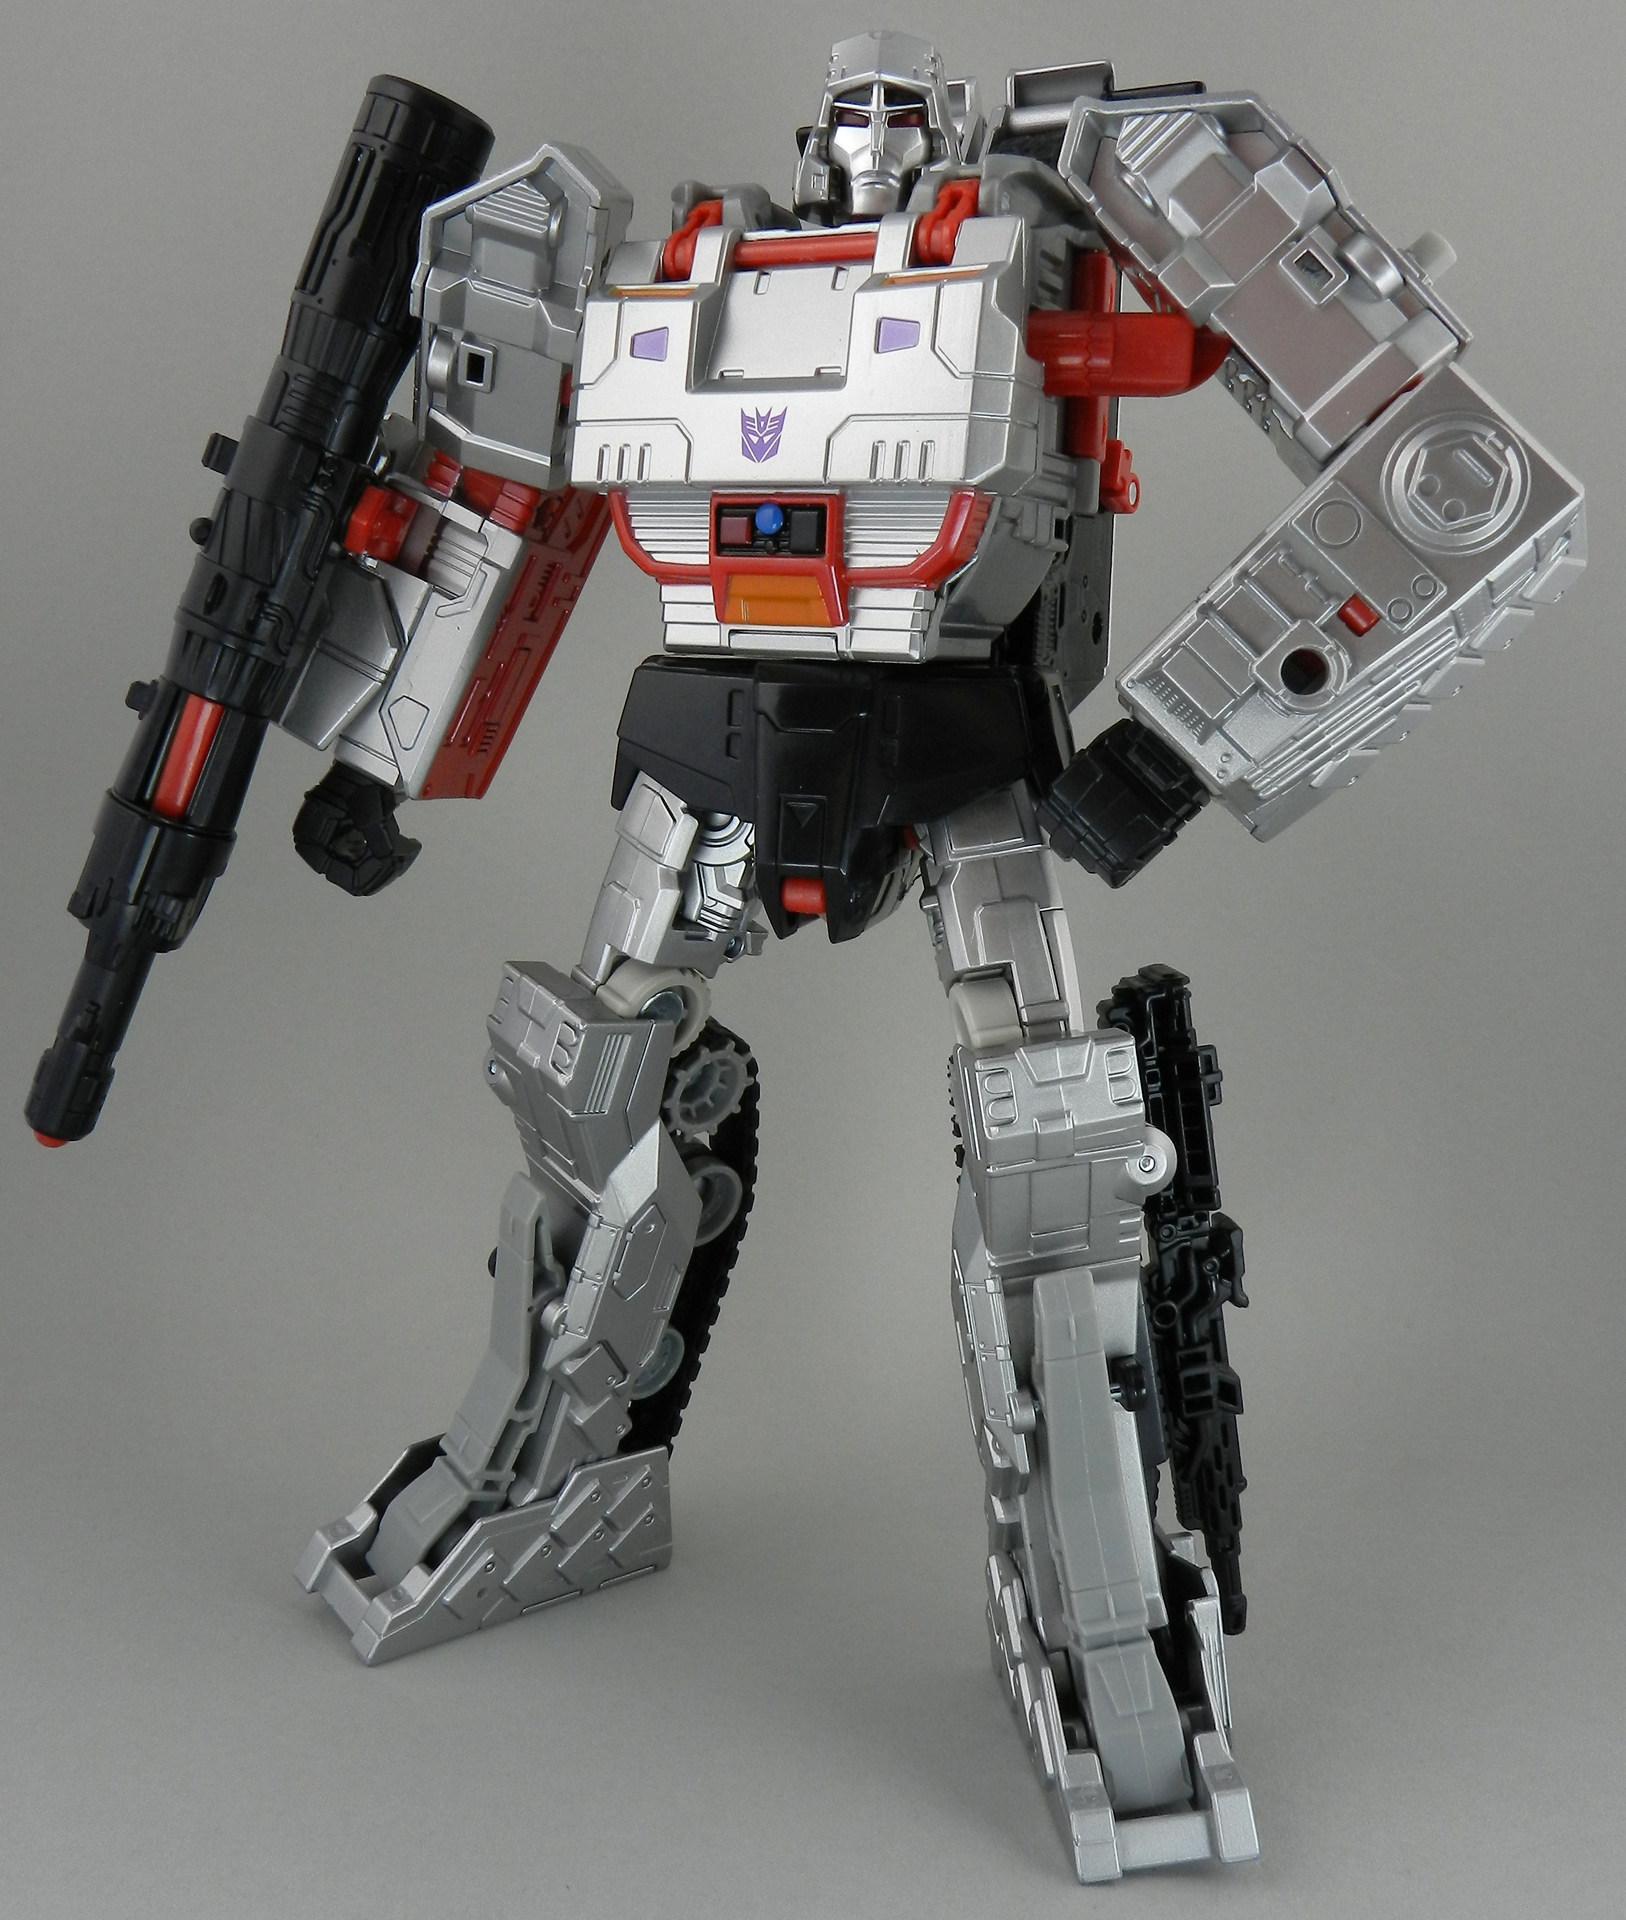 TFW's Combiner Wars Megatron In-Hand Gallery